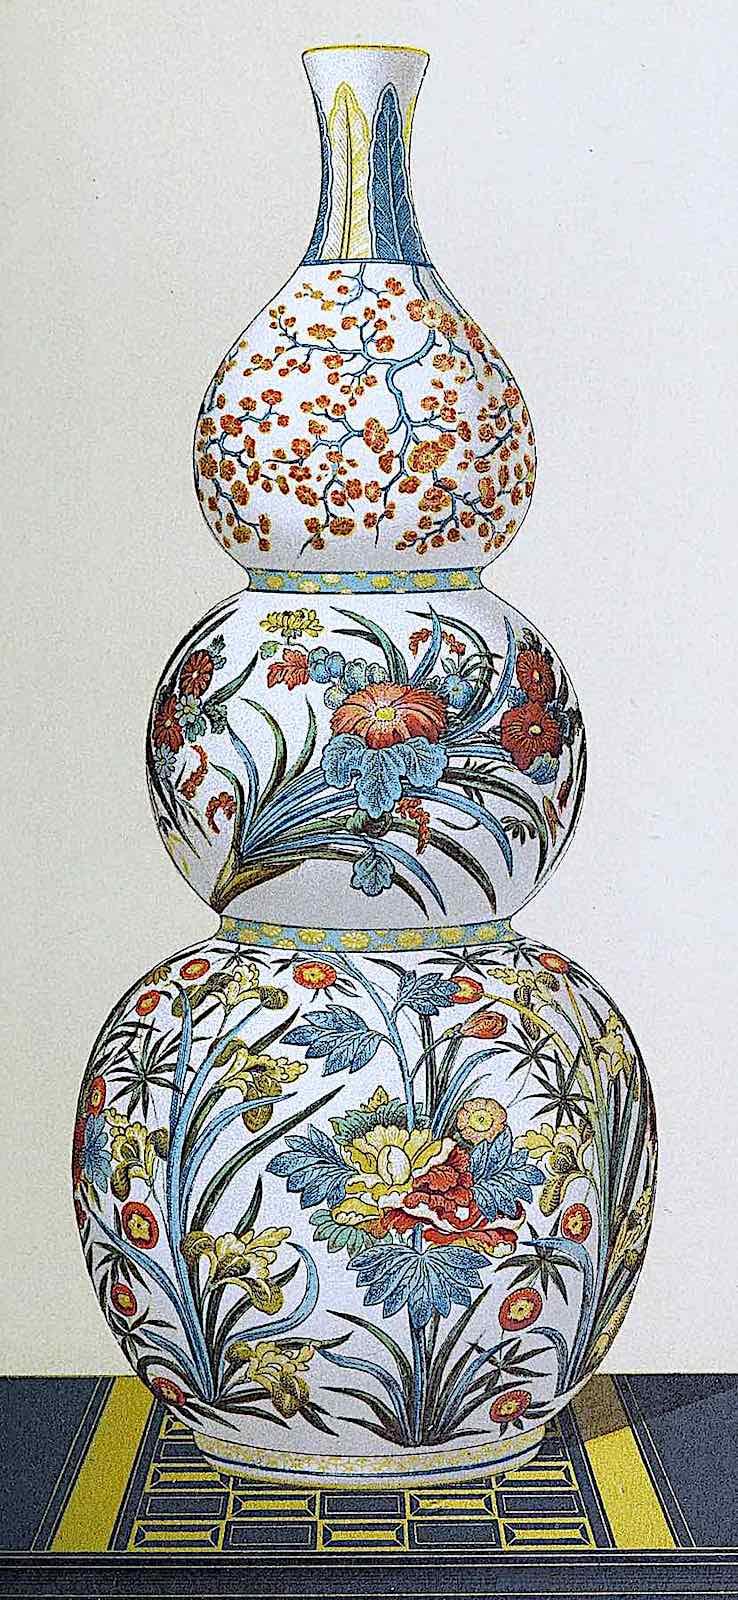 1882 Japan, a vase